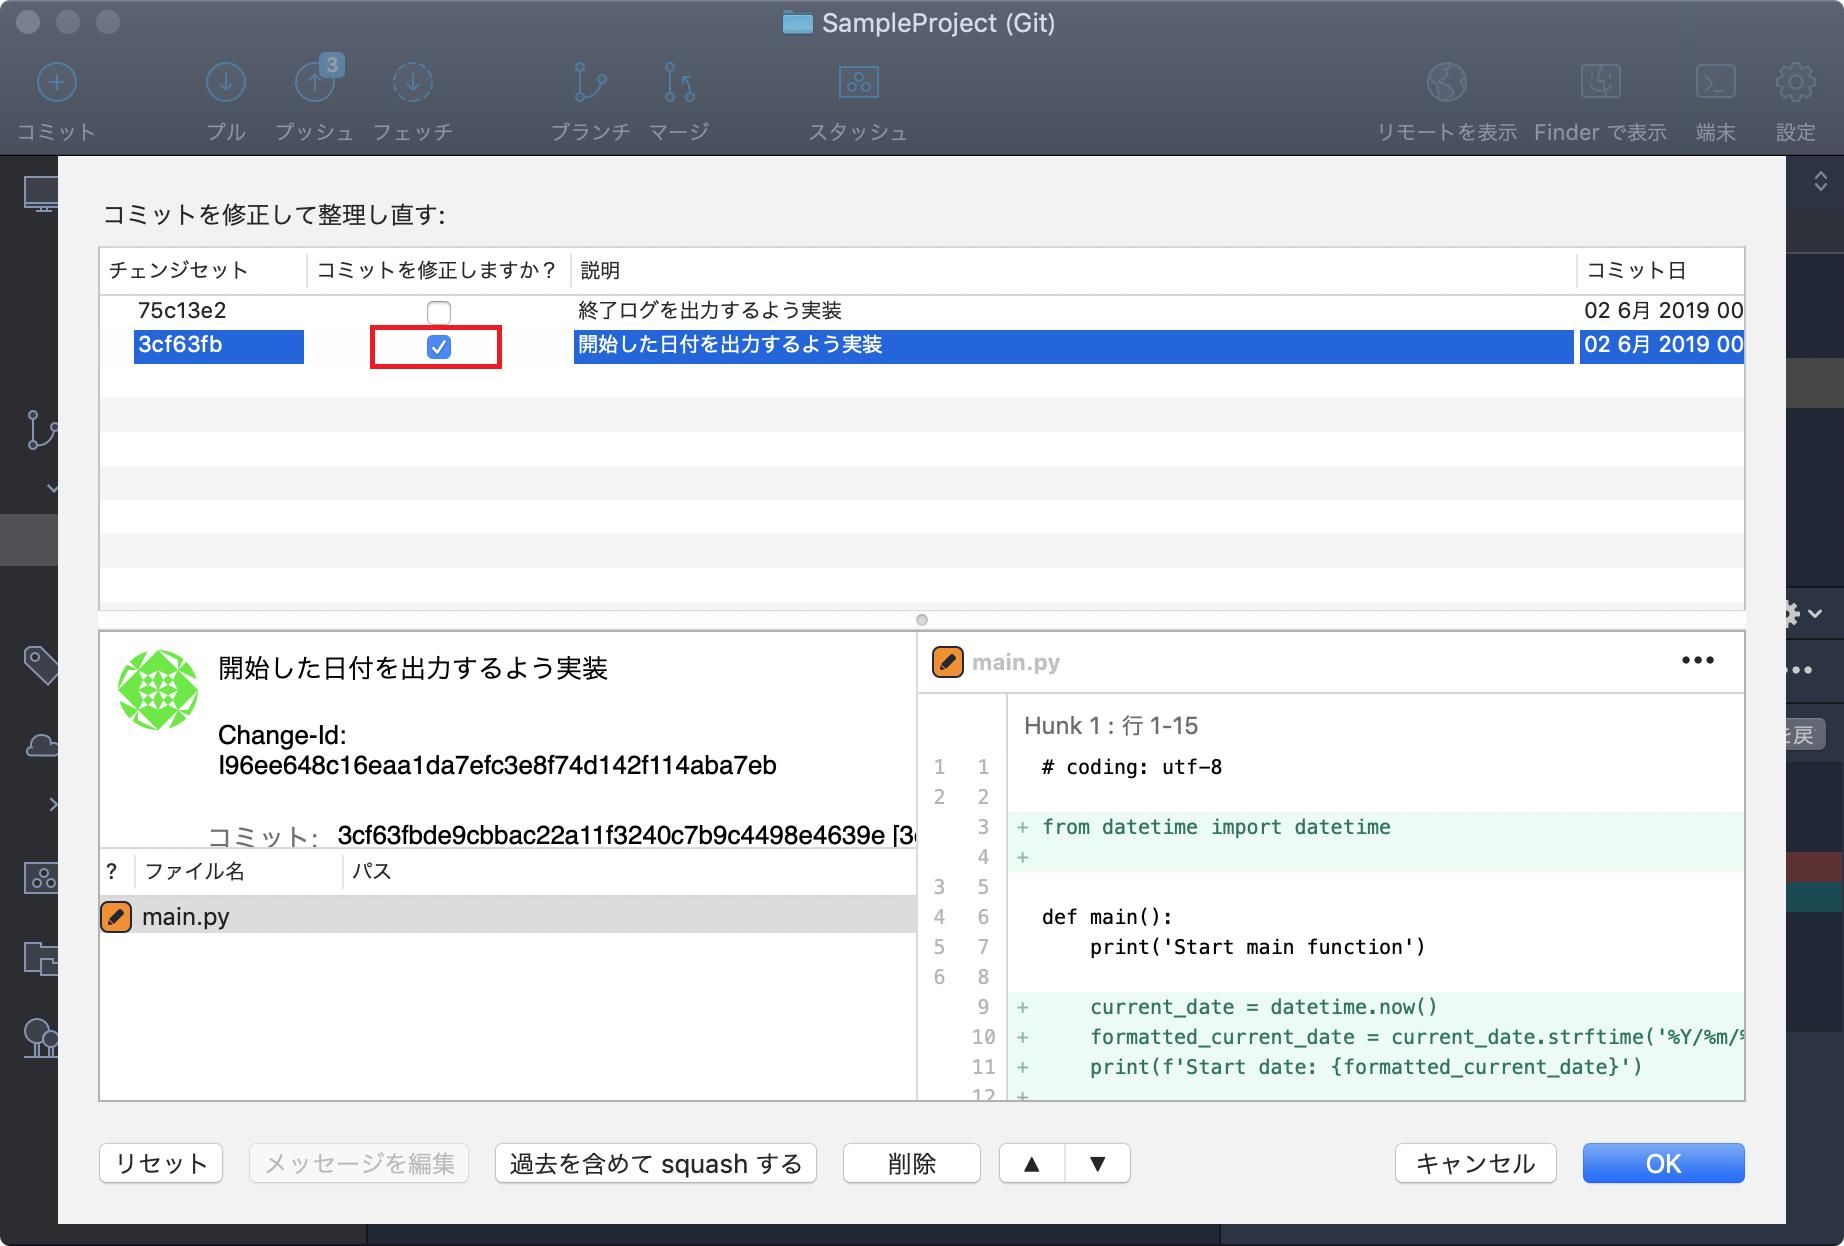 連鎖_インタラクティブなリベース選択画面.png